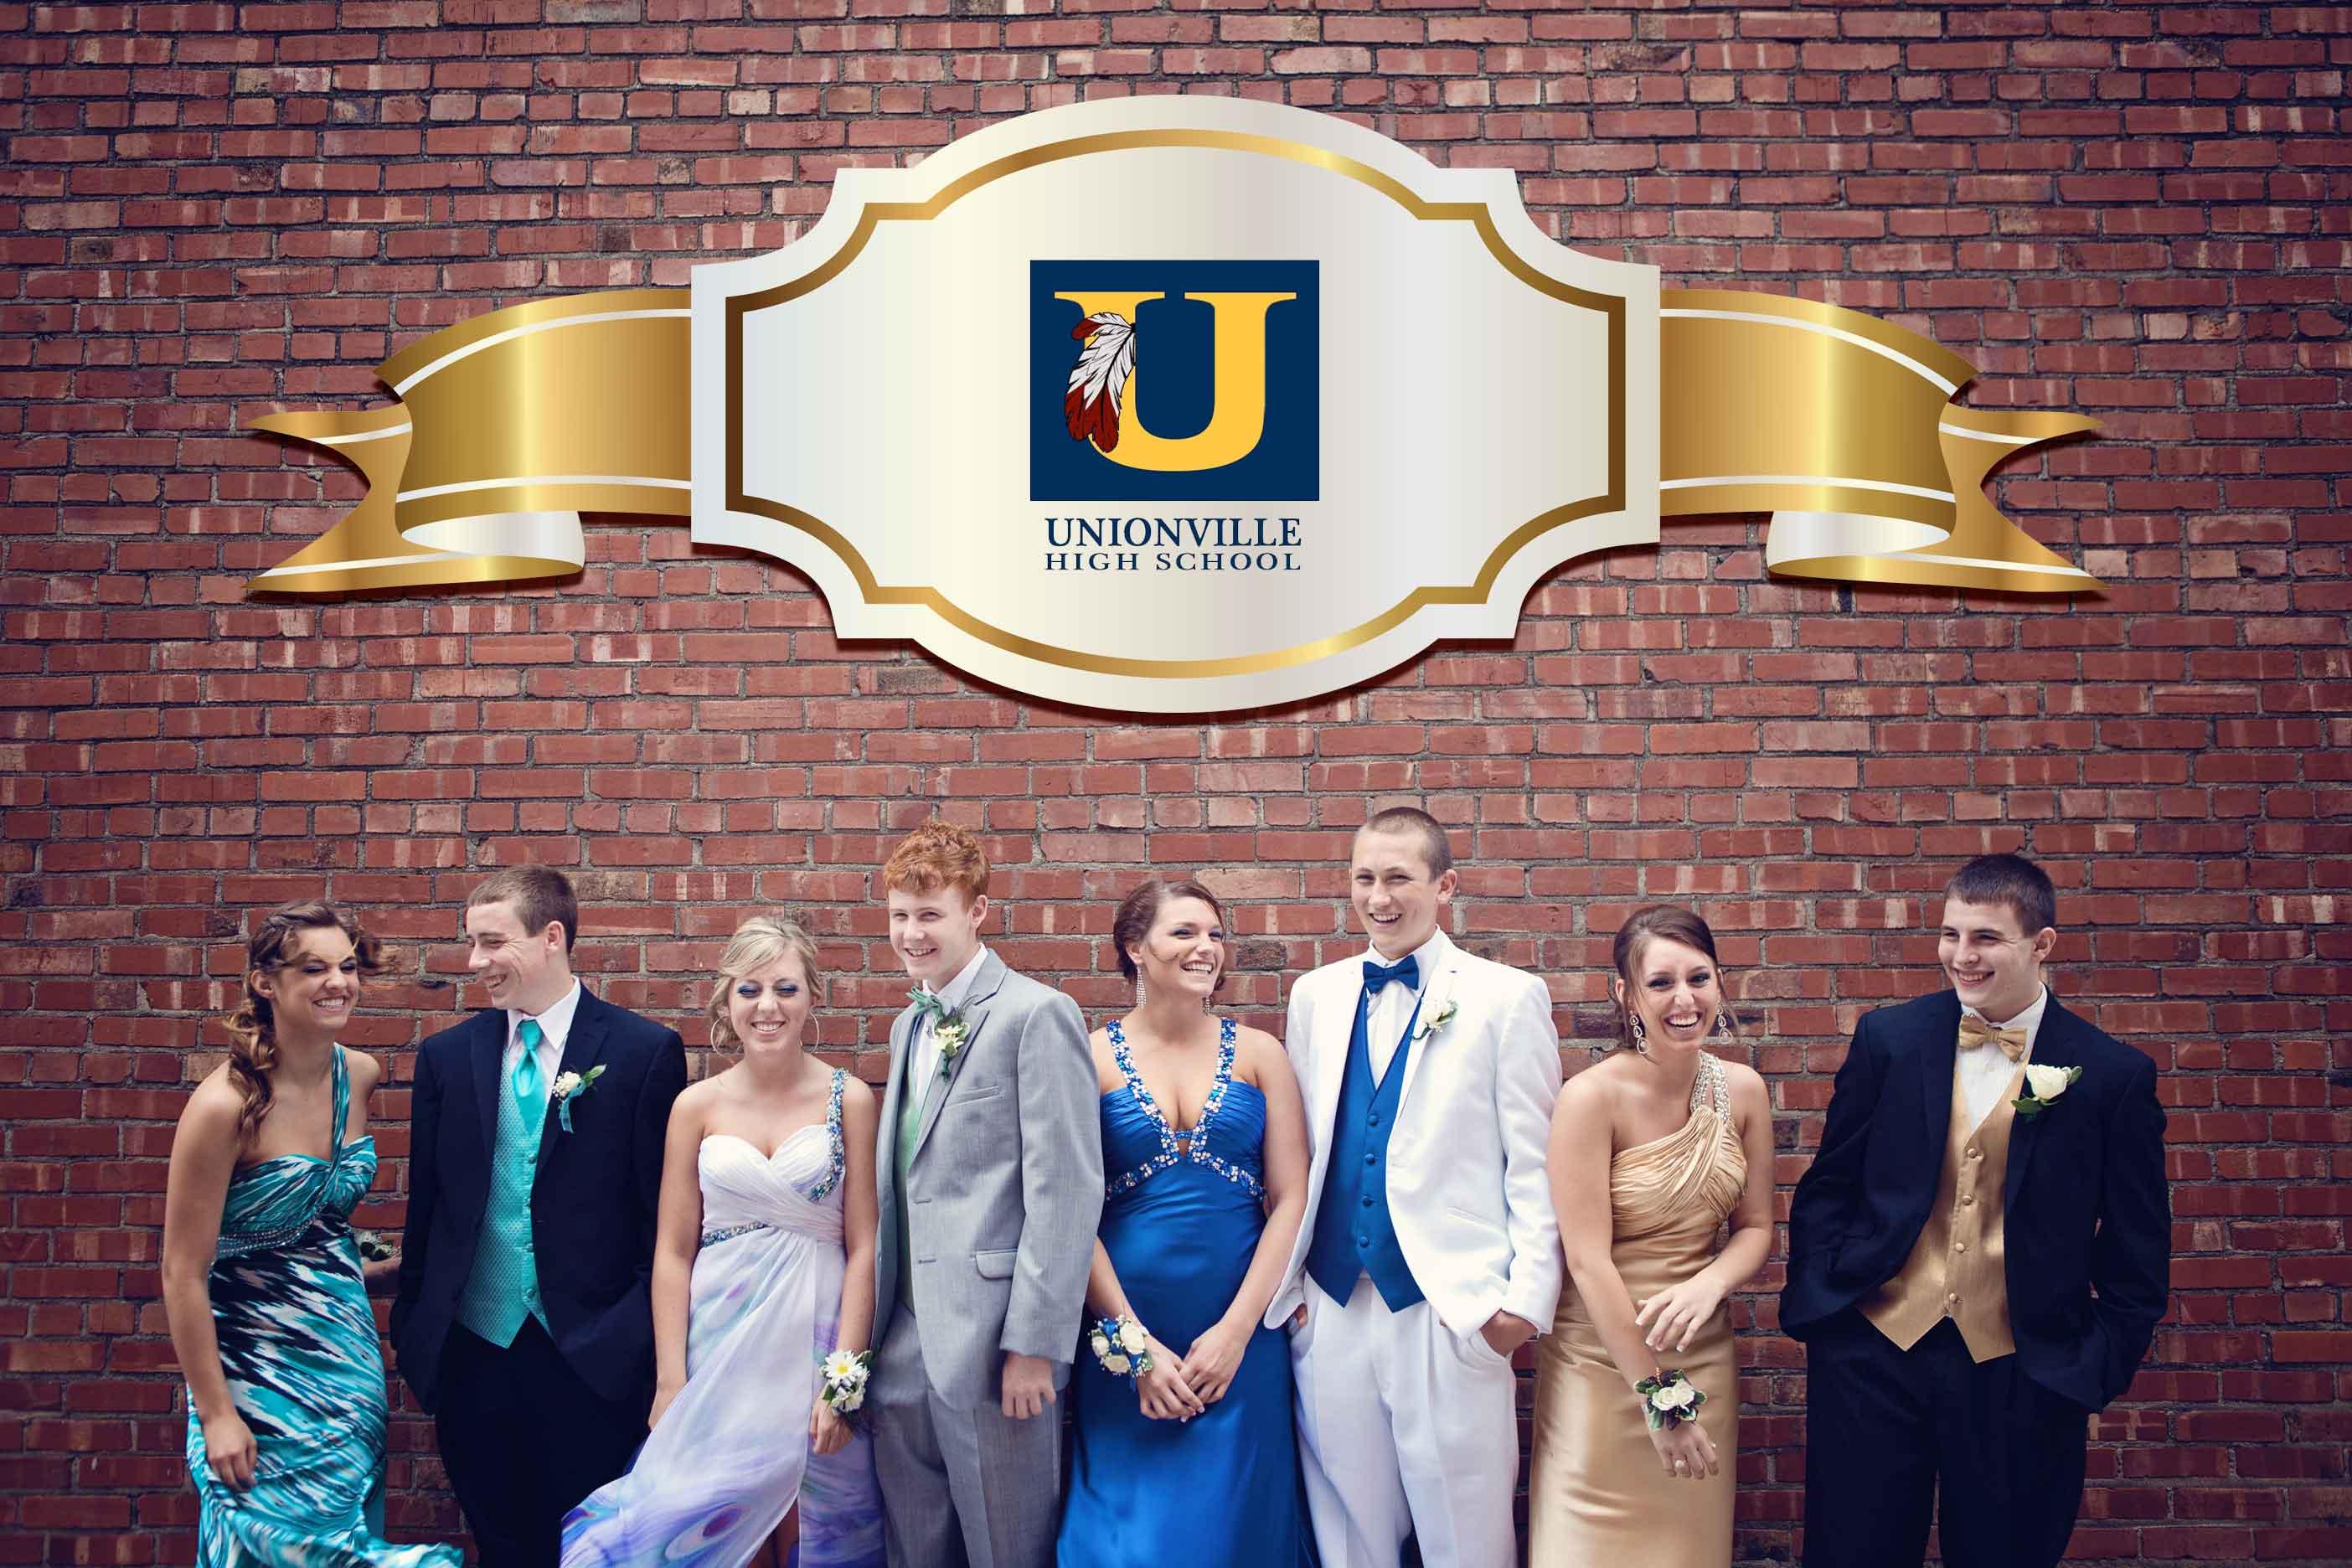 unionville high school prom